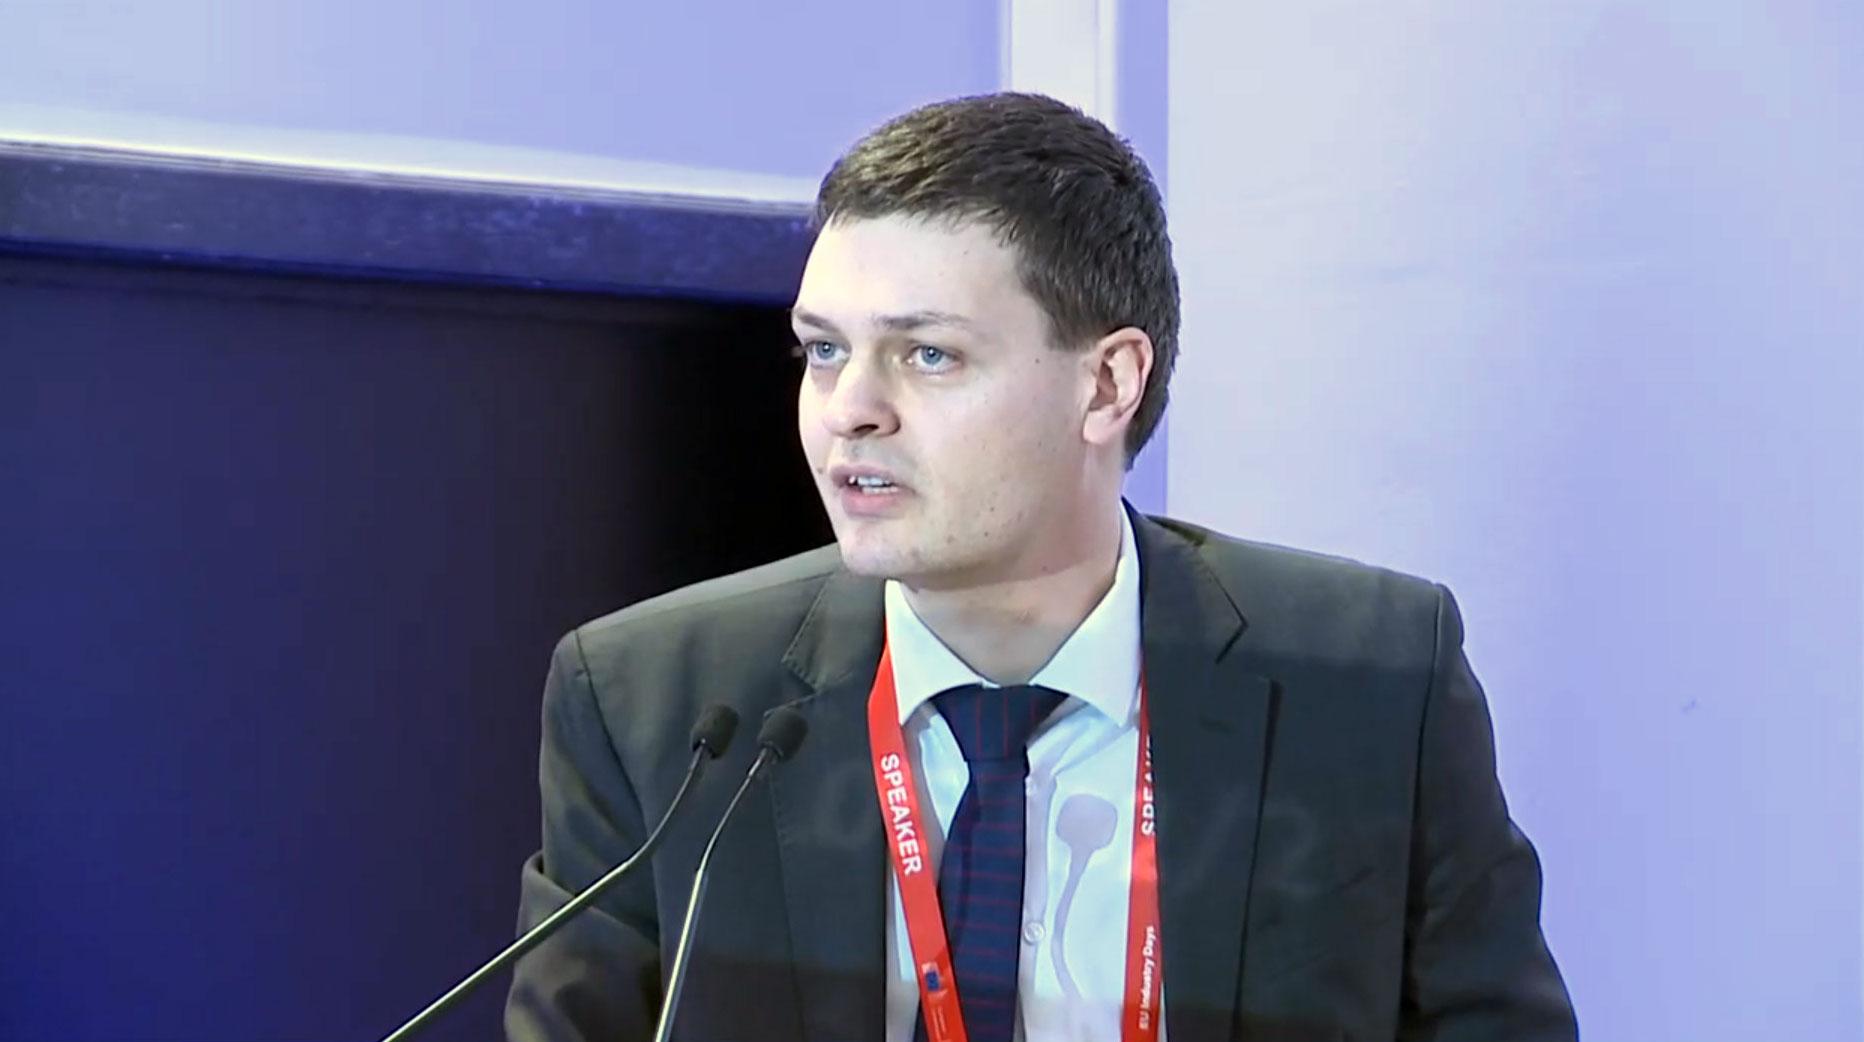 Martin Behrens, FNR